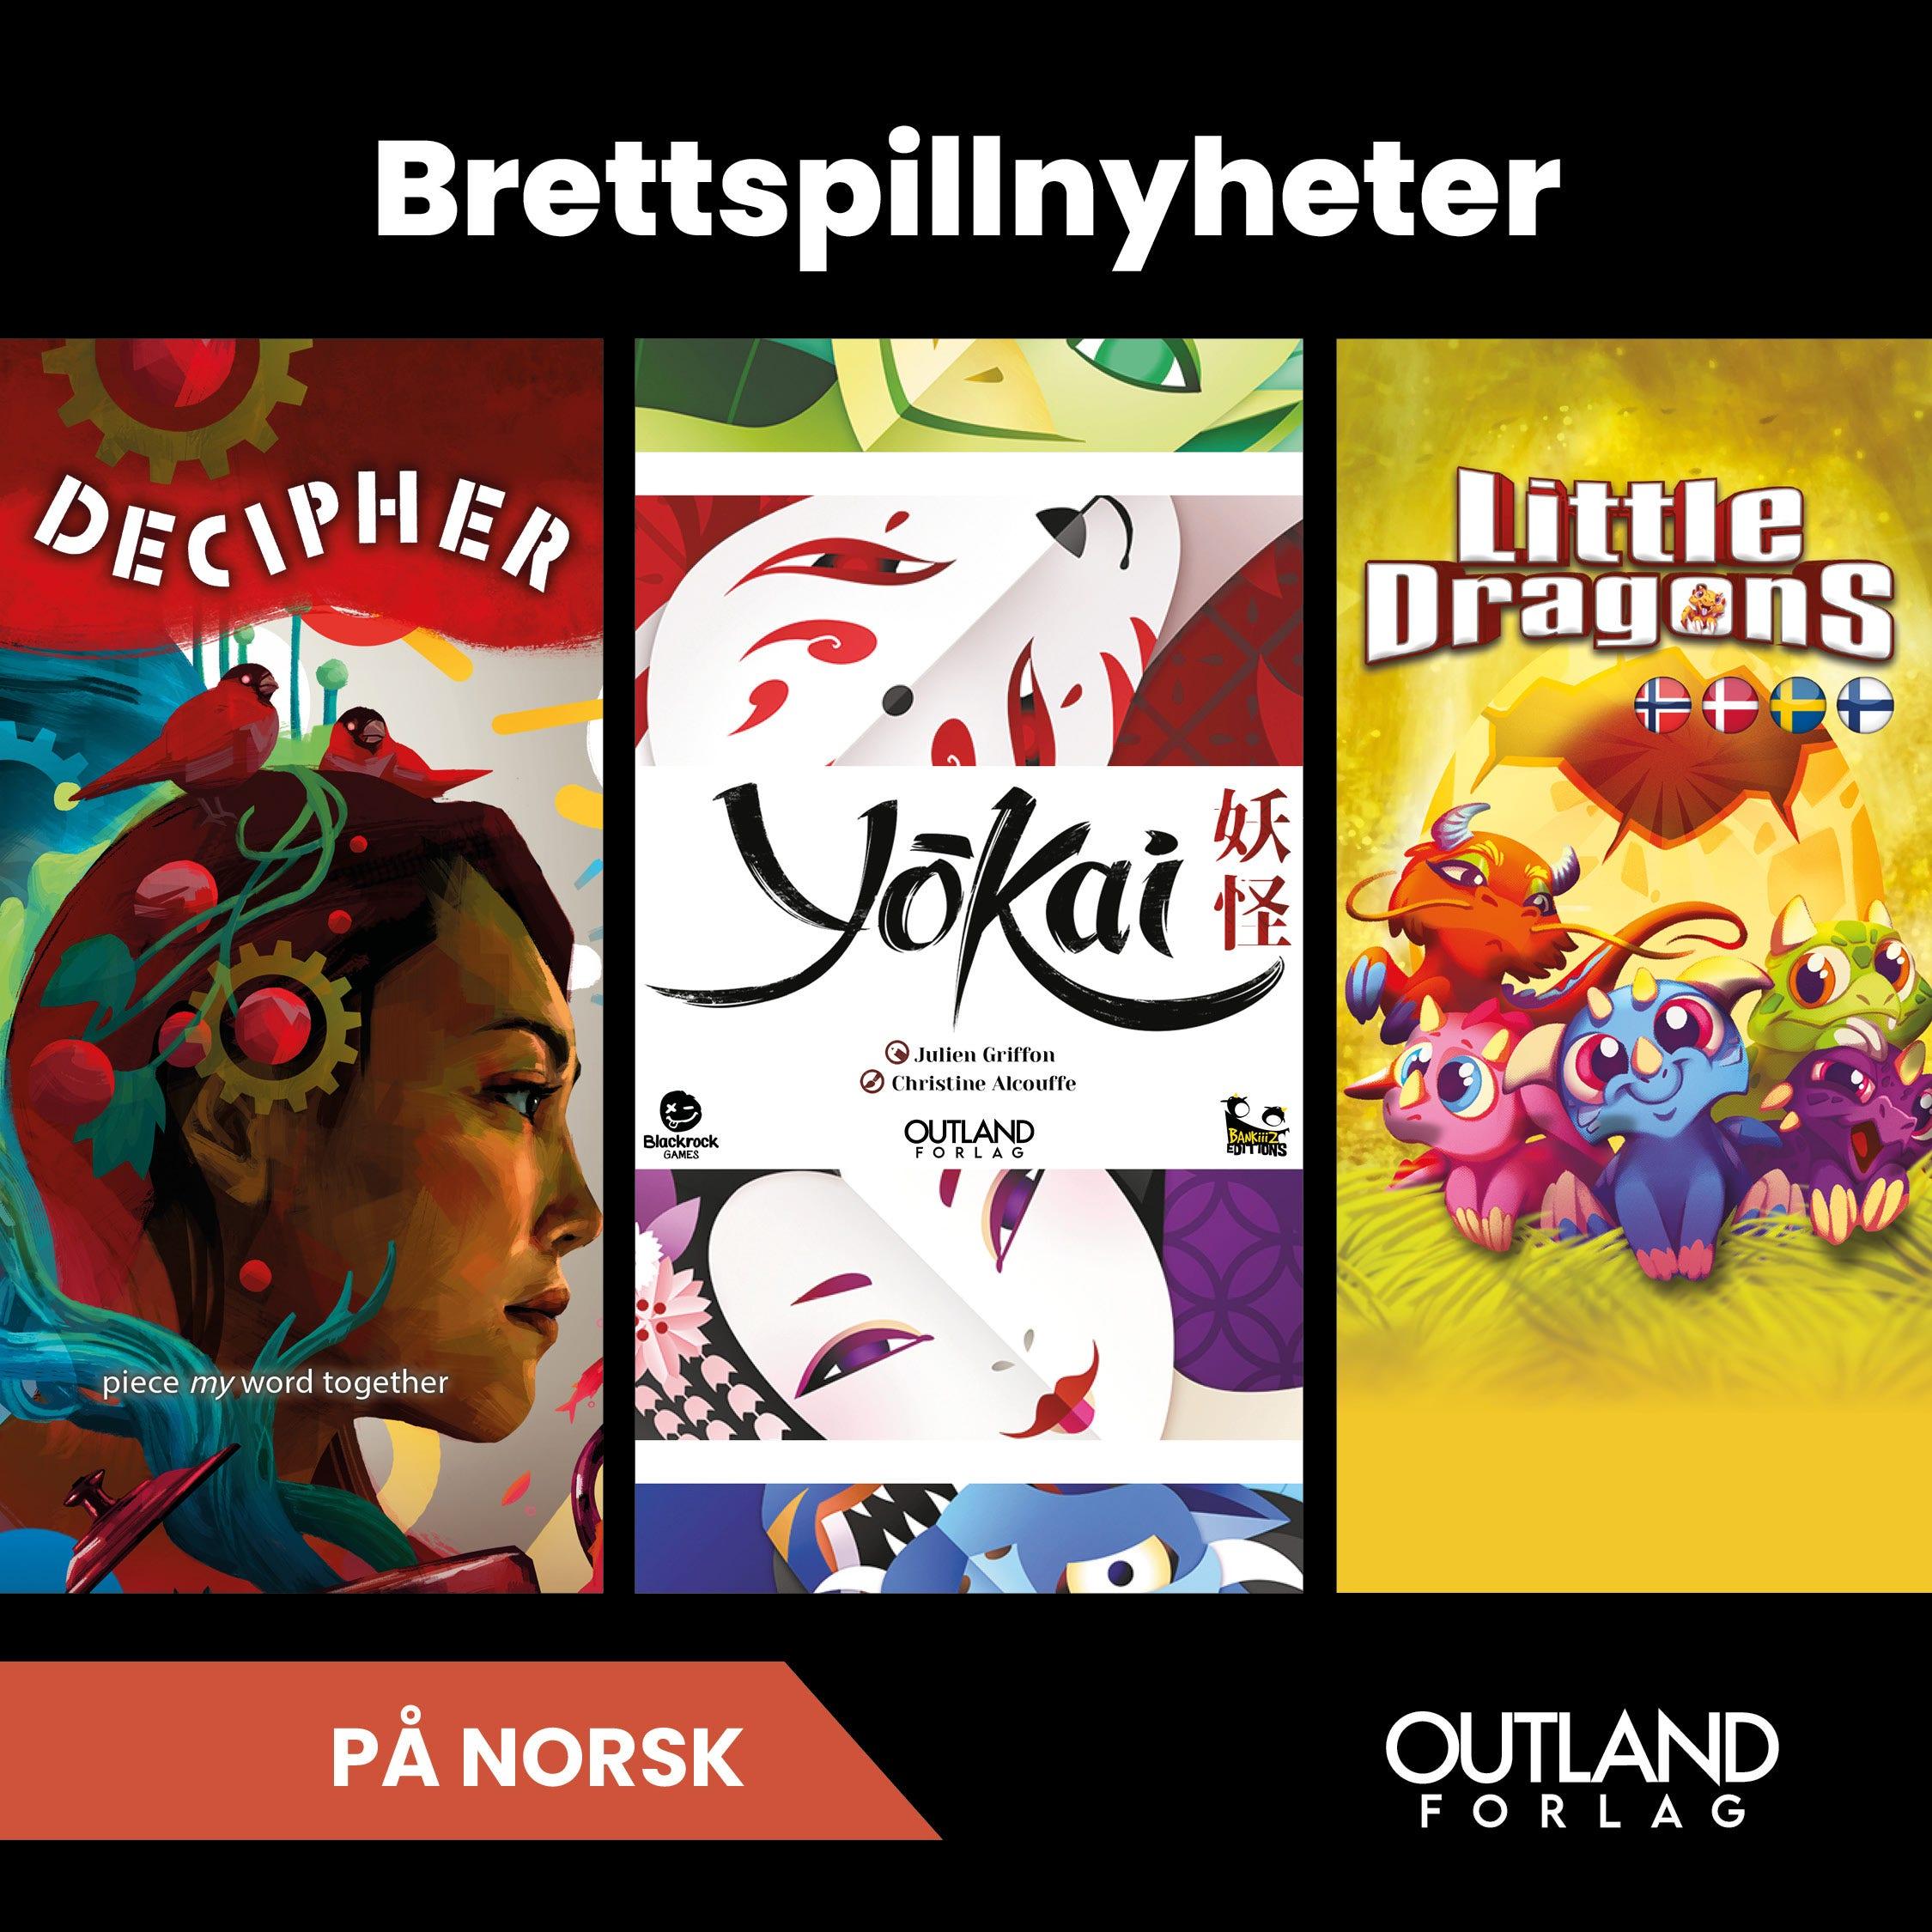 Høstens brettspilltips fra Outland forlag